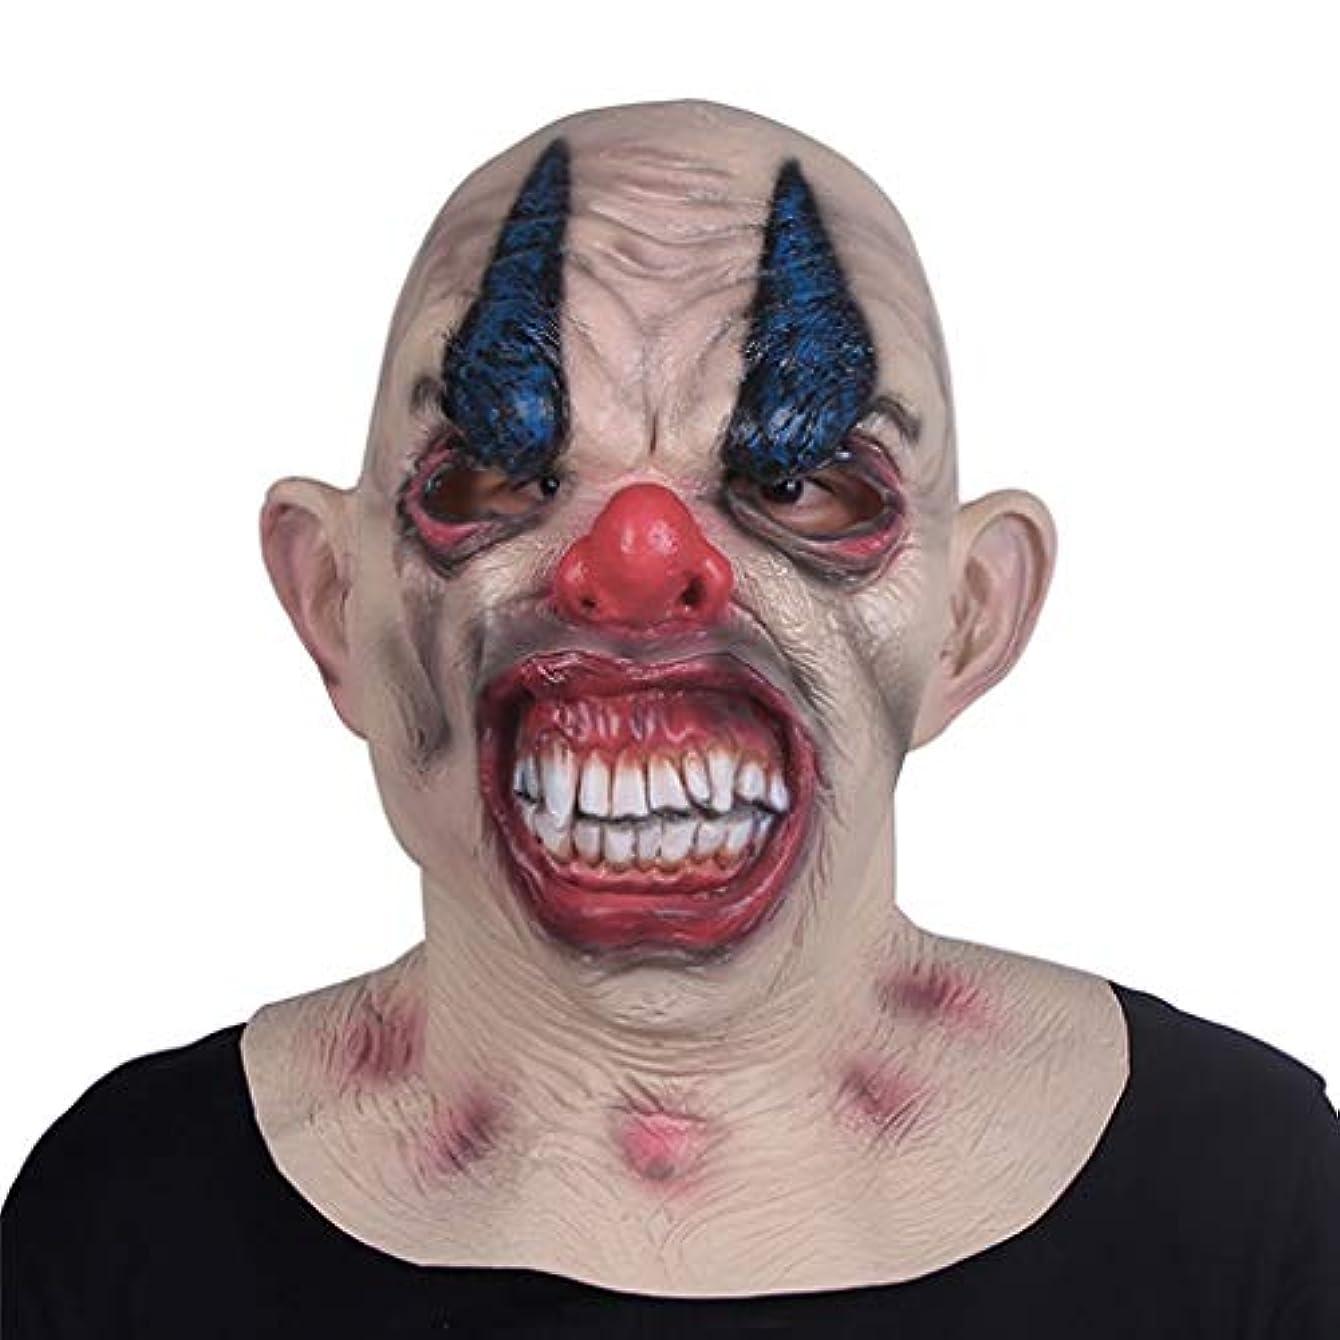 自分のうっかりそれに応じてハロウィンホラーマスク成人男性フルフェイス怖いラテックスヘッドセットハロウィン東京グールマスクゴーストフェイスデビル (Color : A)